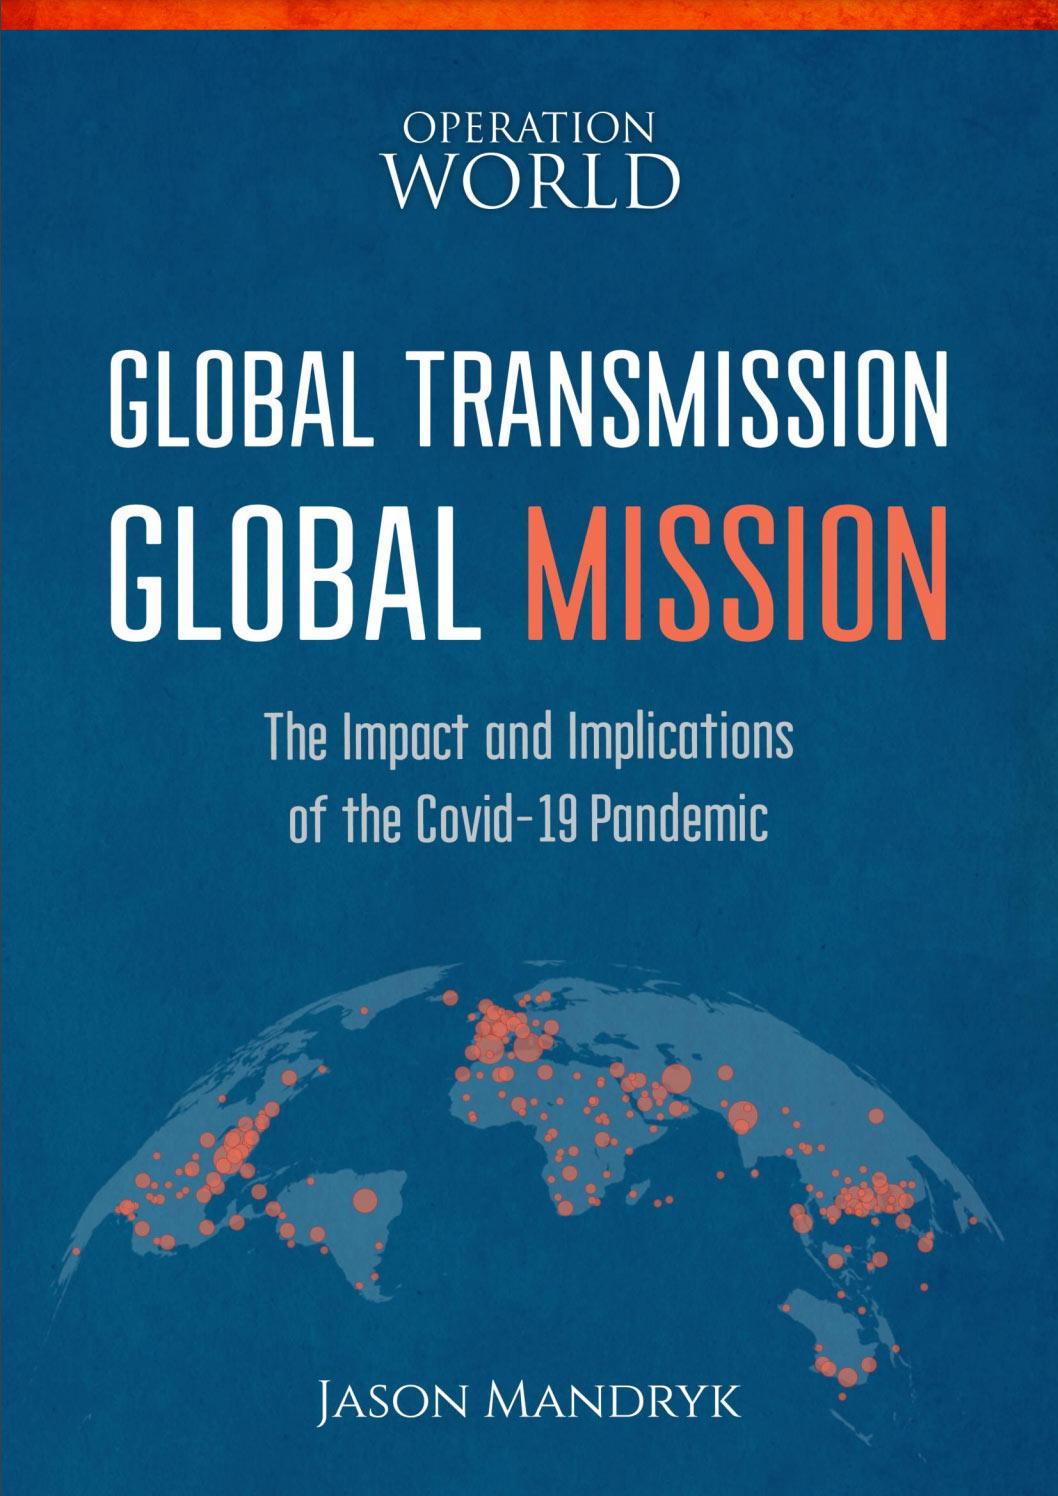 Global Transmission Global Mission